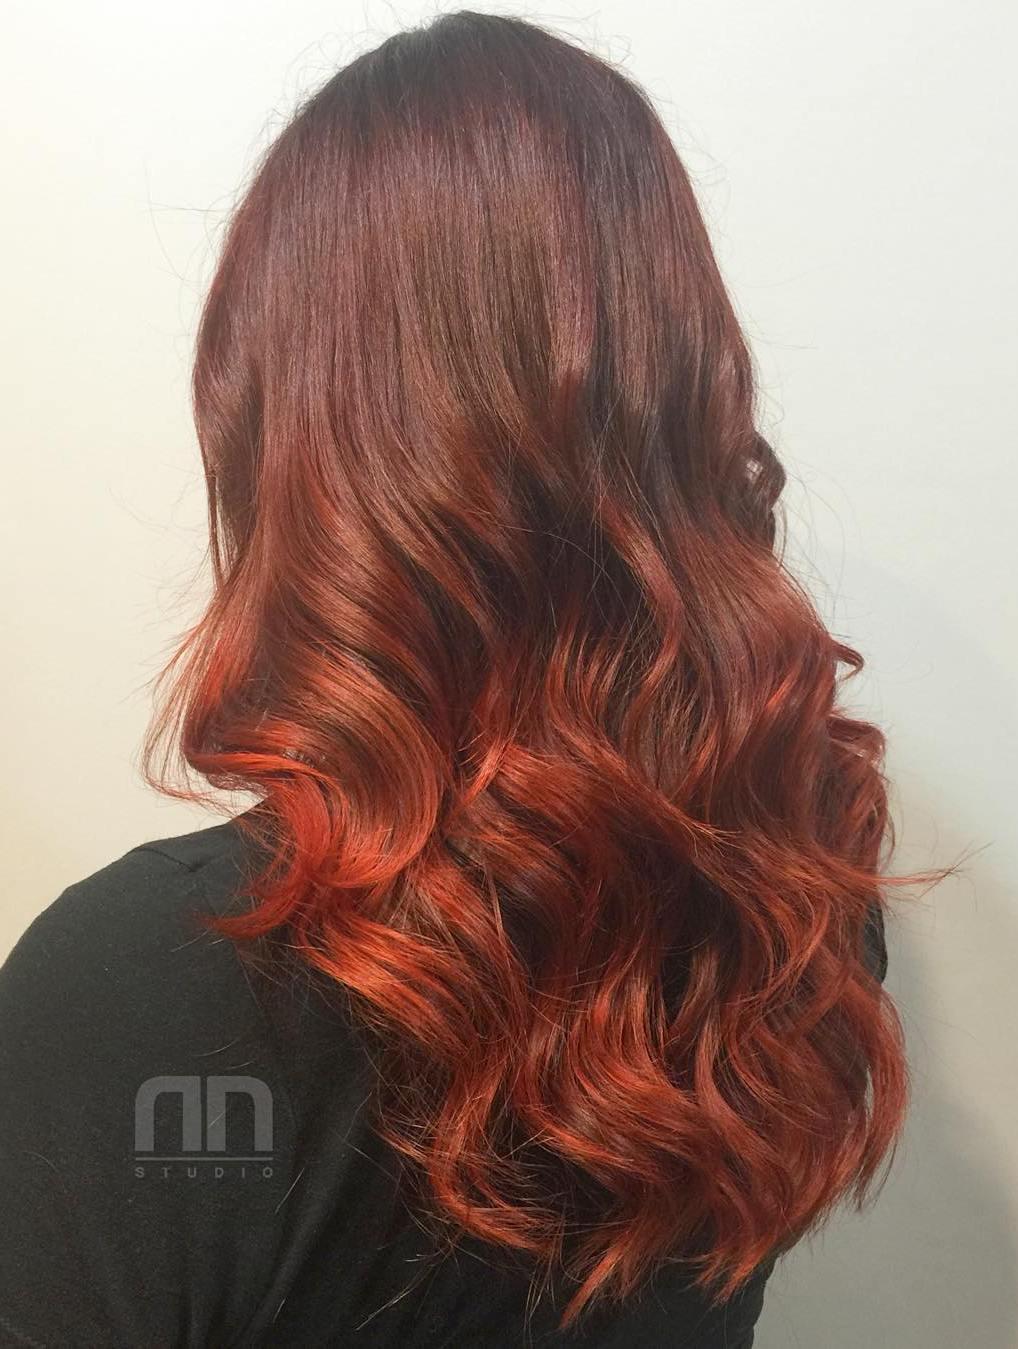 60 couleurs de cheveux auburn pour souligner votre individualite 5e4281808f221 - 60 couleurs de cheveux Auburn pour souligner votre individualité